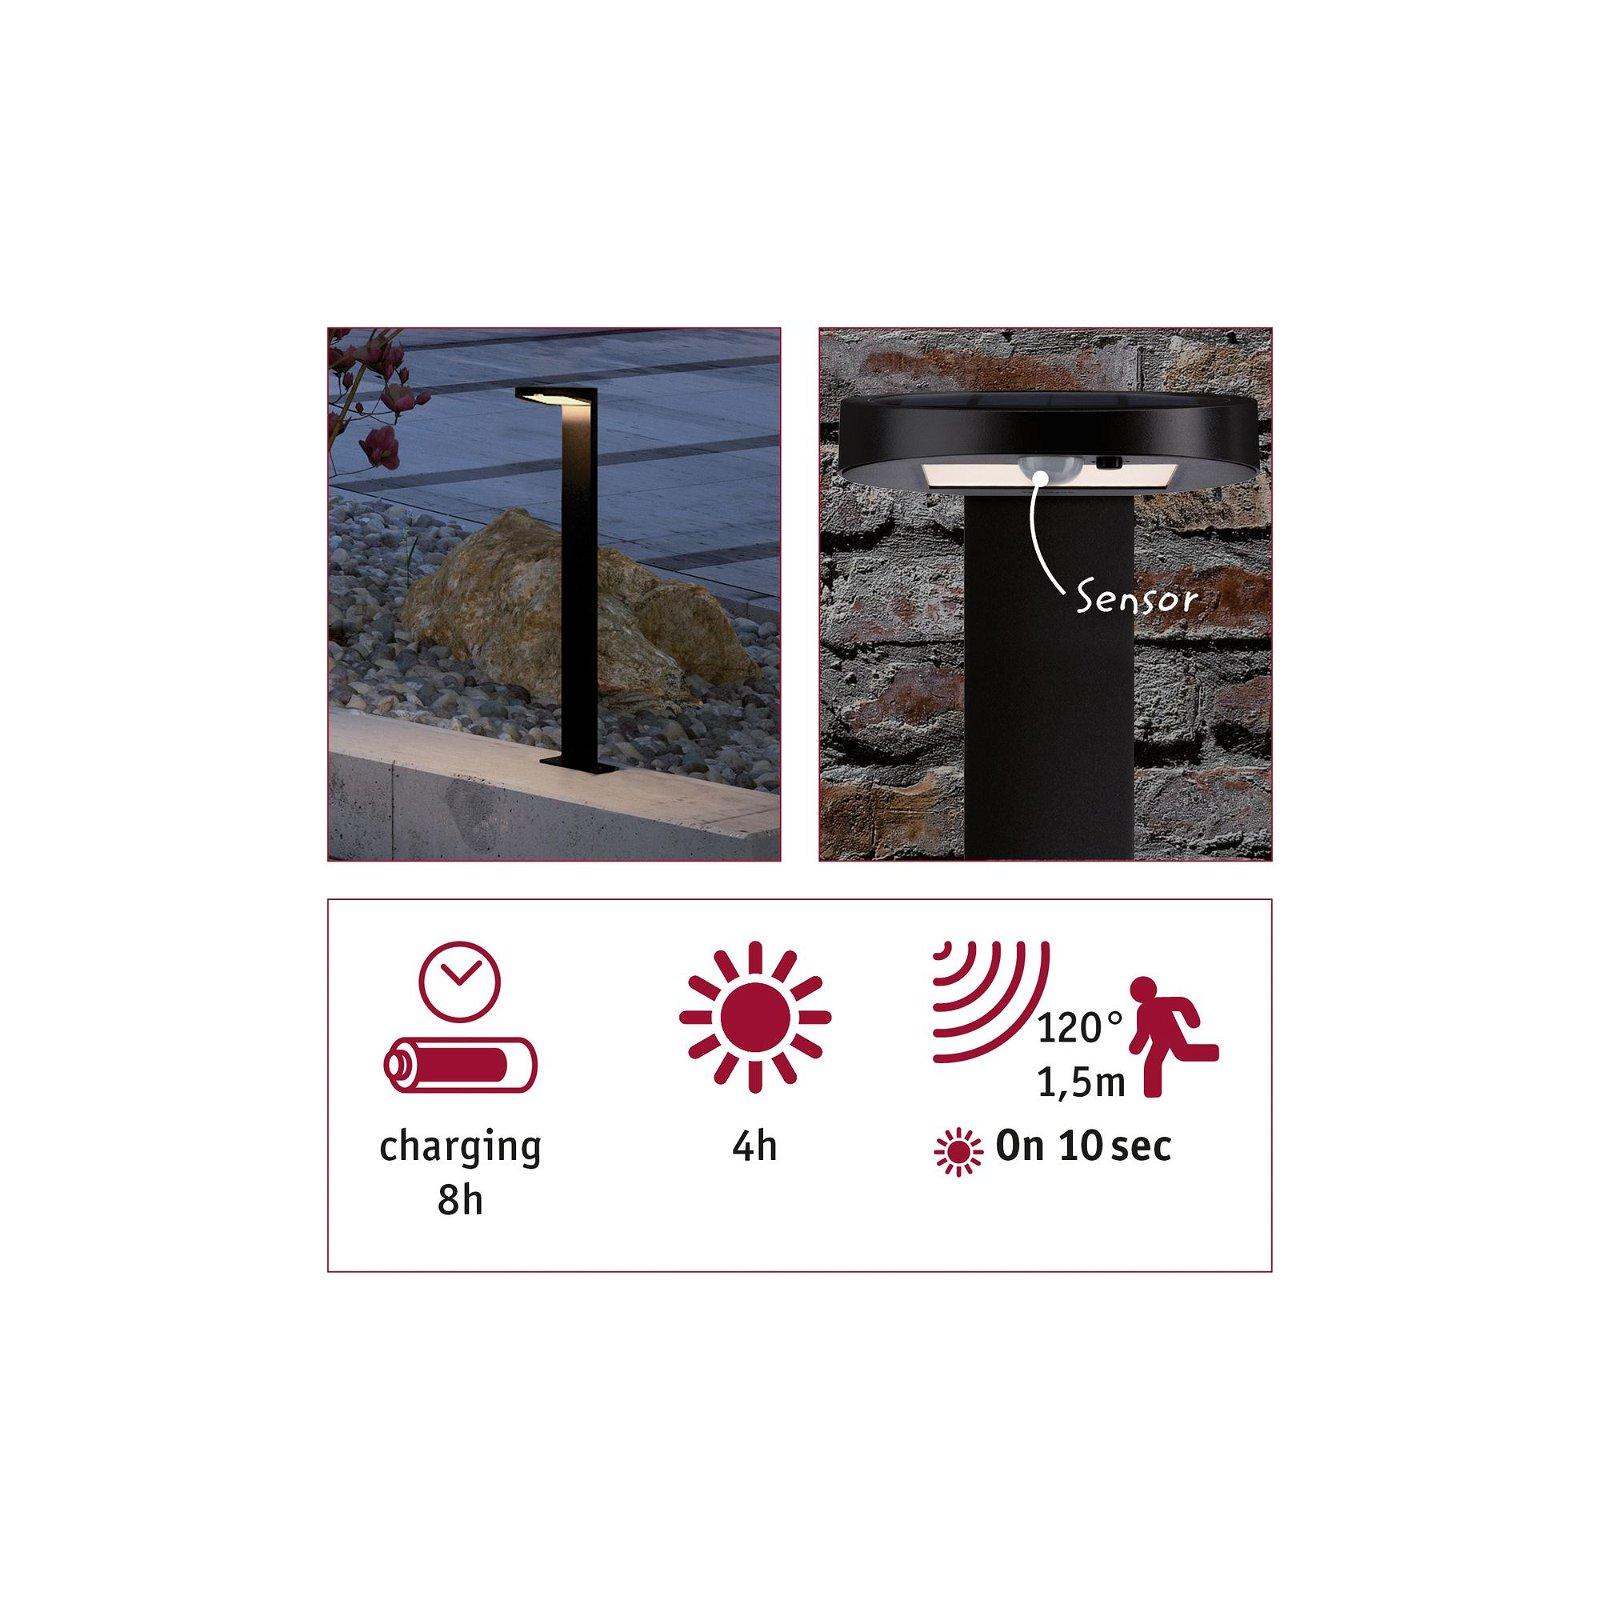 Solar LED Pollerleuchte Ryse Bewegungsmelder IP44 3000K 145lm Anthrazit